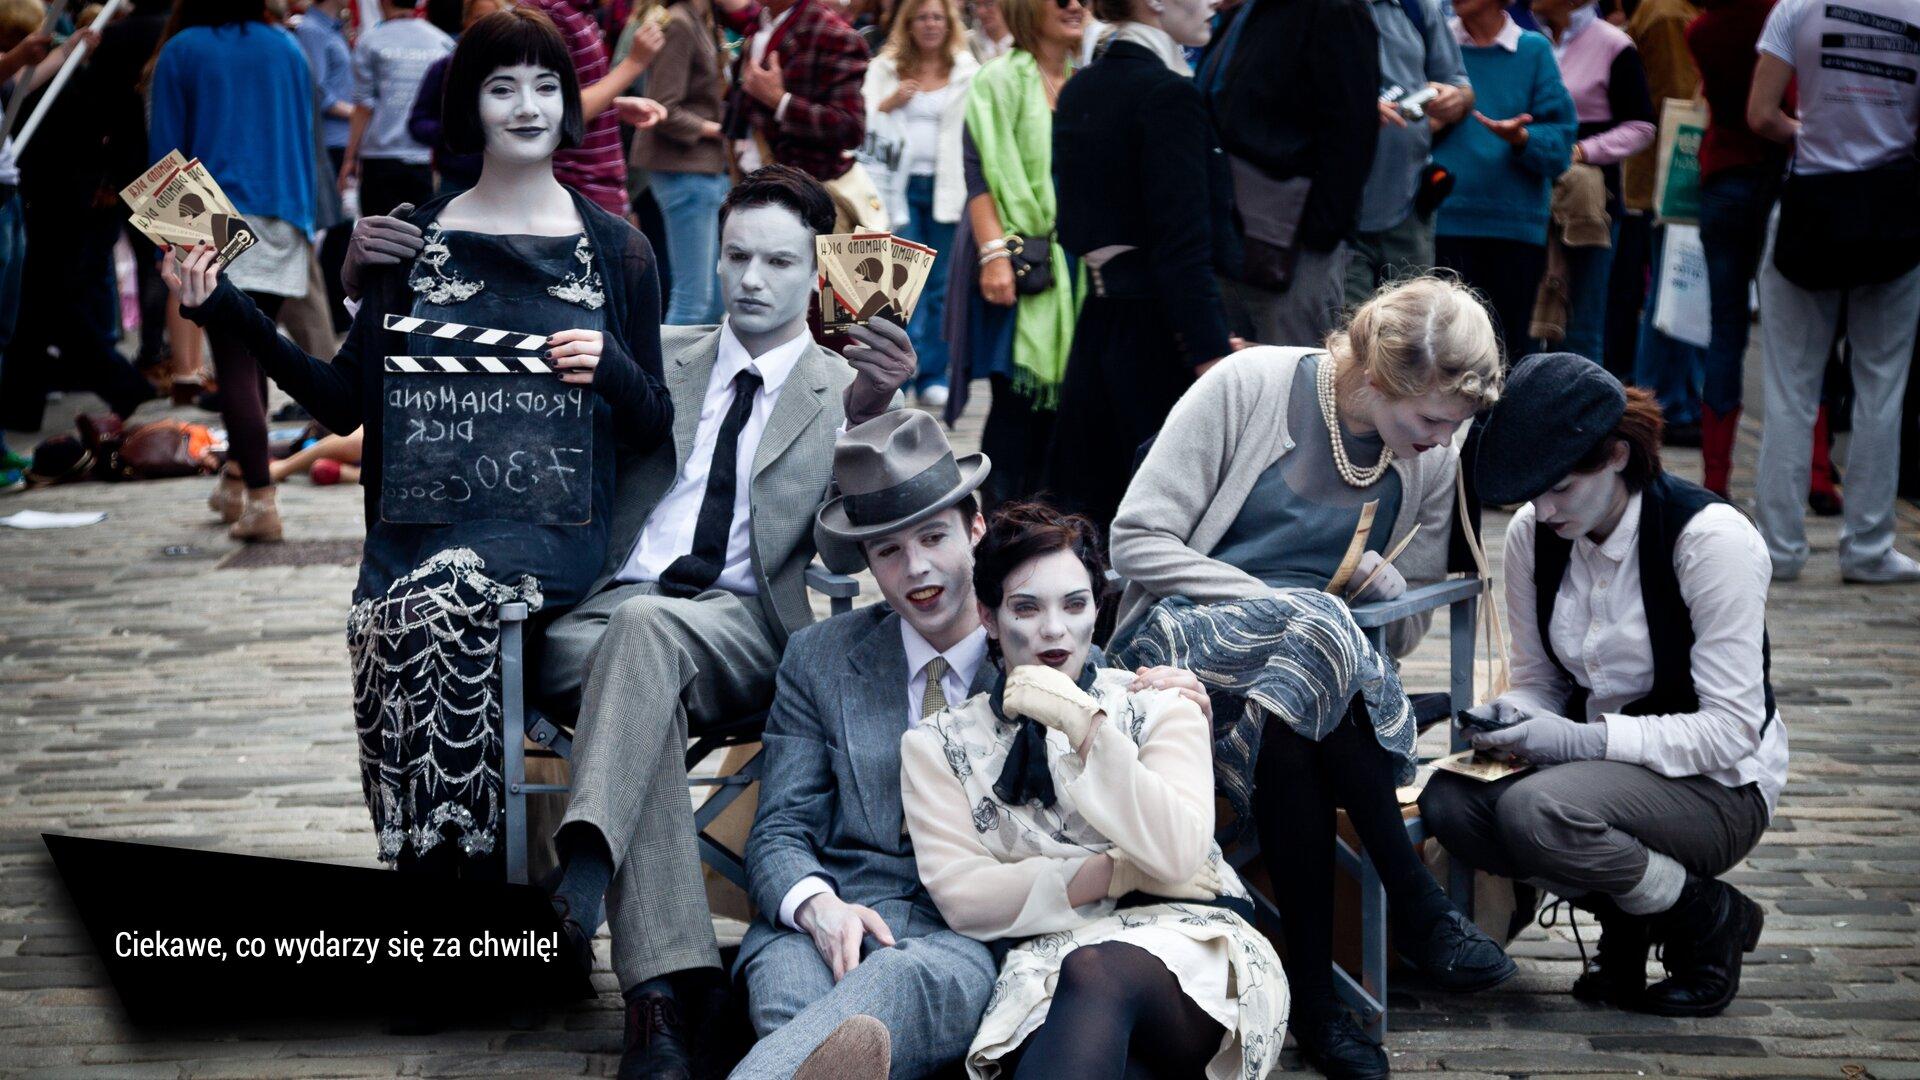 """Na ekranie wyświetla się zdjęcie, które przedstawia ludzi ubranych wstroje zIpołowy XX wieku. Są to dwaj mężczyźni icztery kobiety. Ich twarze są pomalowane na biało. Po lewej stronie zdjęcia, na krześle siedzi mężczyzna, ana oparciu kobieta. Trzymają ulotki wtaki sposób, wjaki trzyma się wachlarz. Po prawej stronie siedzą dwie kobiety. Jedna pokazuje coś drugiej. Wśrodku siedzi mężczyzna, który obejmuje kobietę. Być może są to aktorzy grupy teatru ulicznego. Za nimi widać tłum. Prawdopodobnie są to widzowie. Wlewym dolnym rogu na tle czarnego czworoboku widnieje biały napis otreści: """"Ciekawe, co wydarzy się za chwilę!""""."""